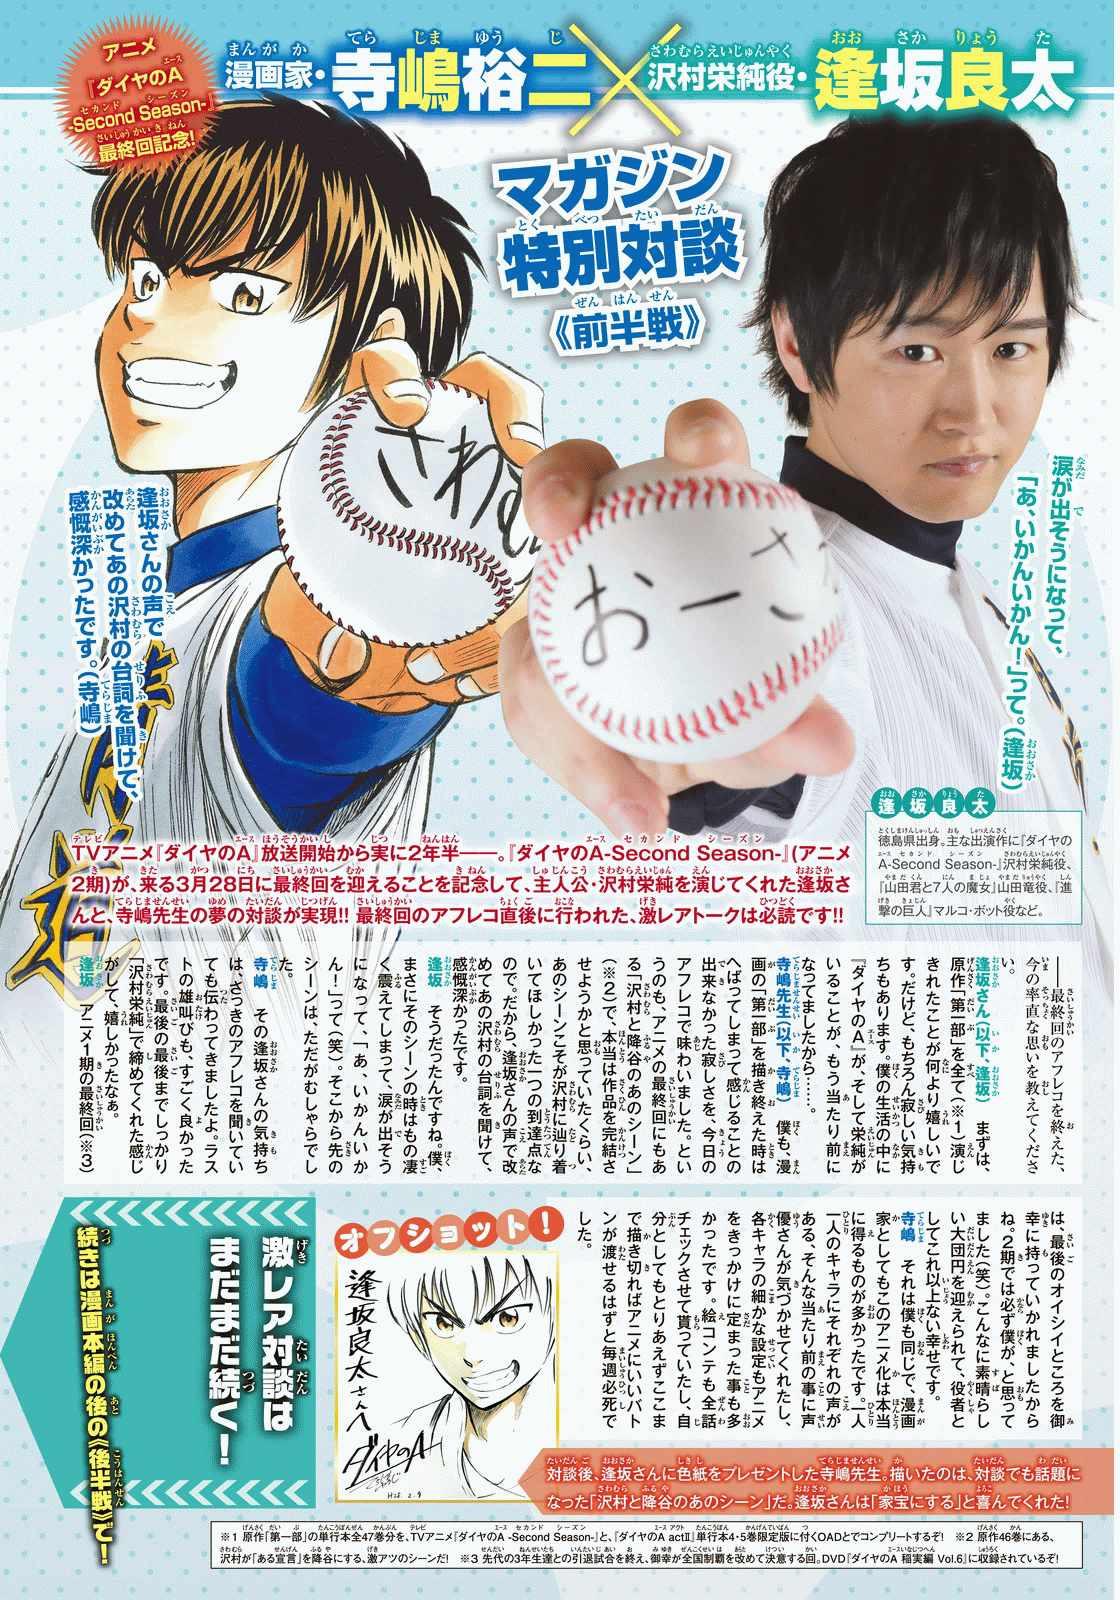 Daiya no A Act II - Chapter 028 - Page 1